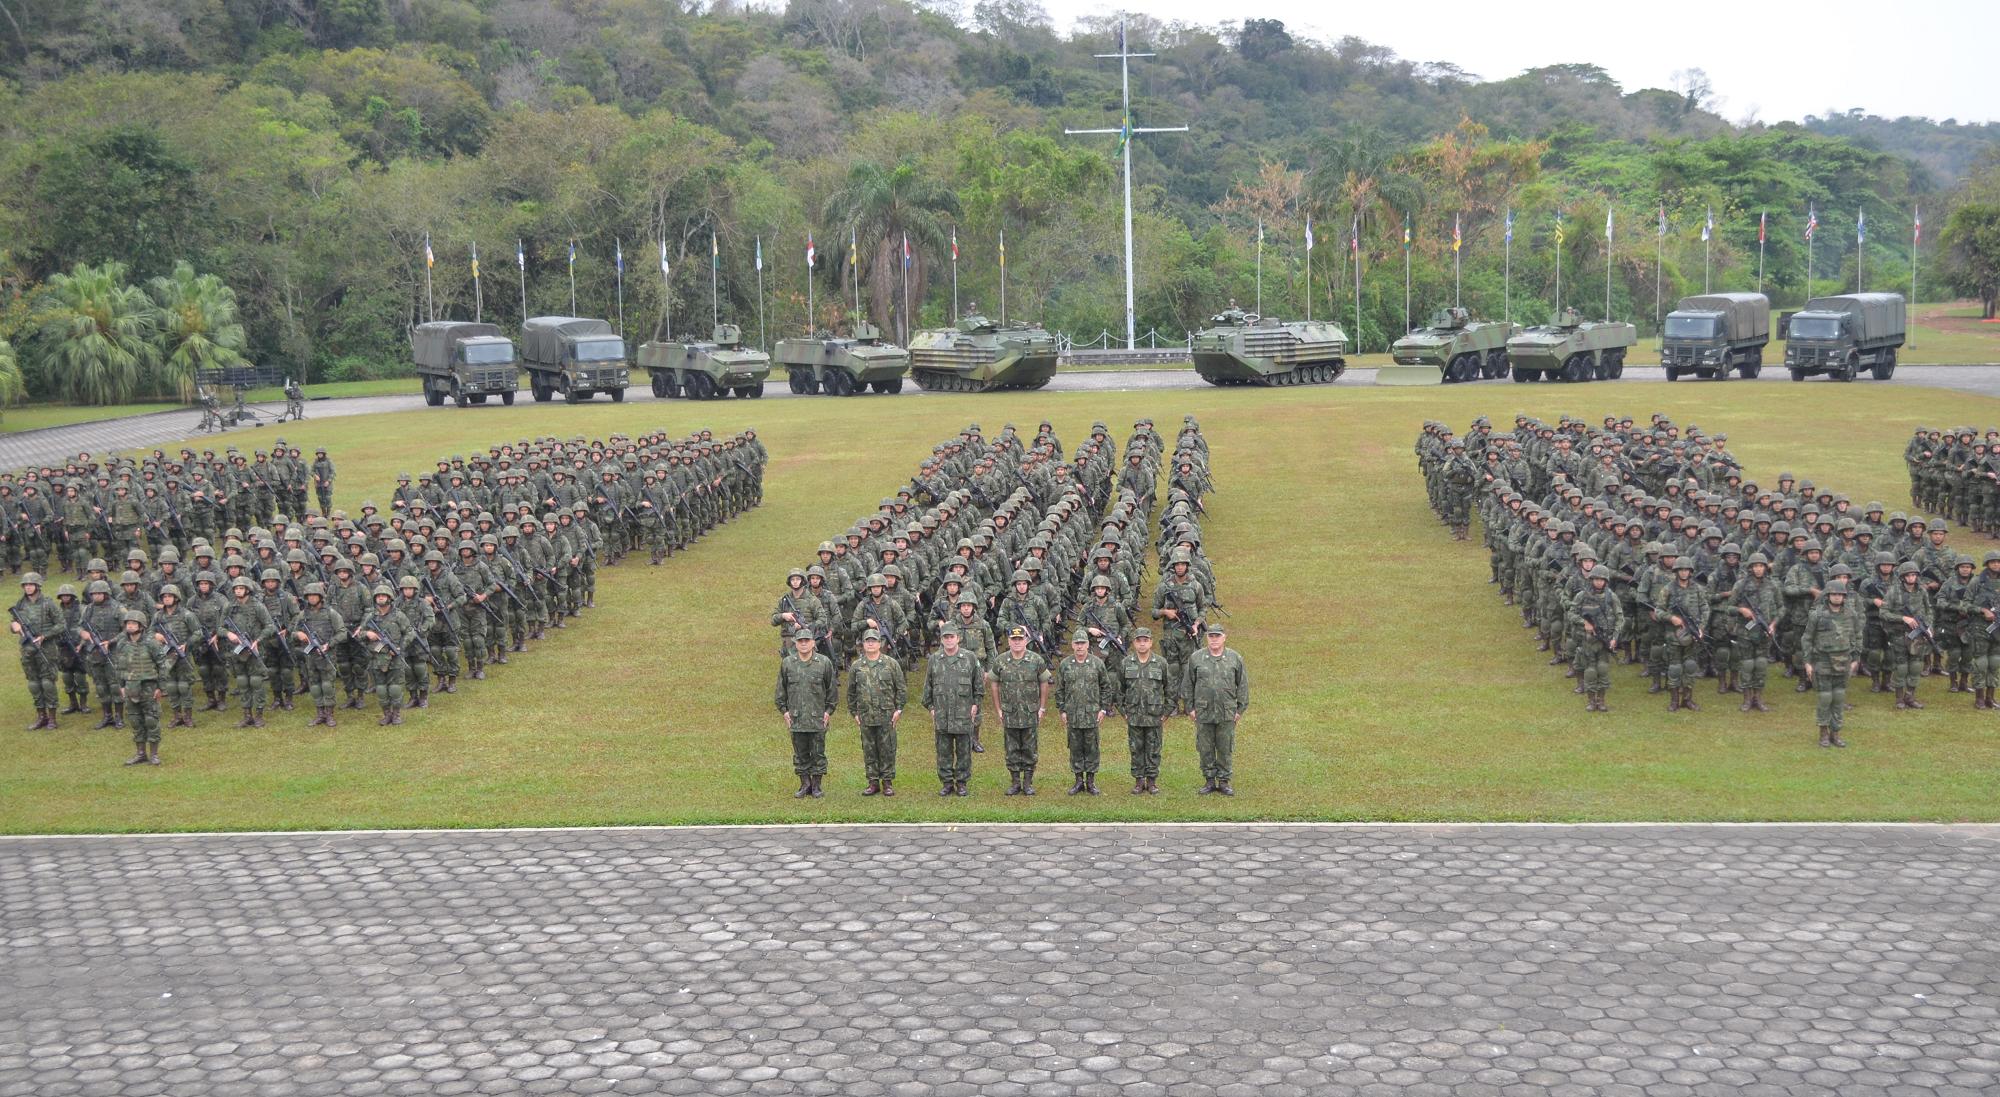 82cfea4f19 ... no Comando da Divisão Anfíbia, na Ilha do Governador (RJ), foi  anunciada a desativação dos Grupamentos Operativos de Fuzileiros Navais que  formaram o ...